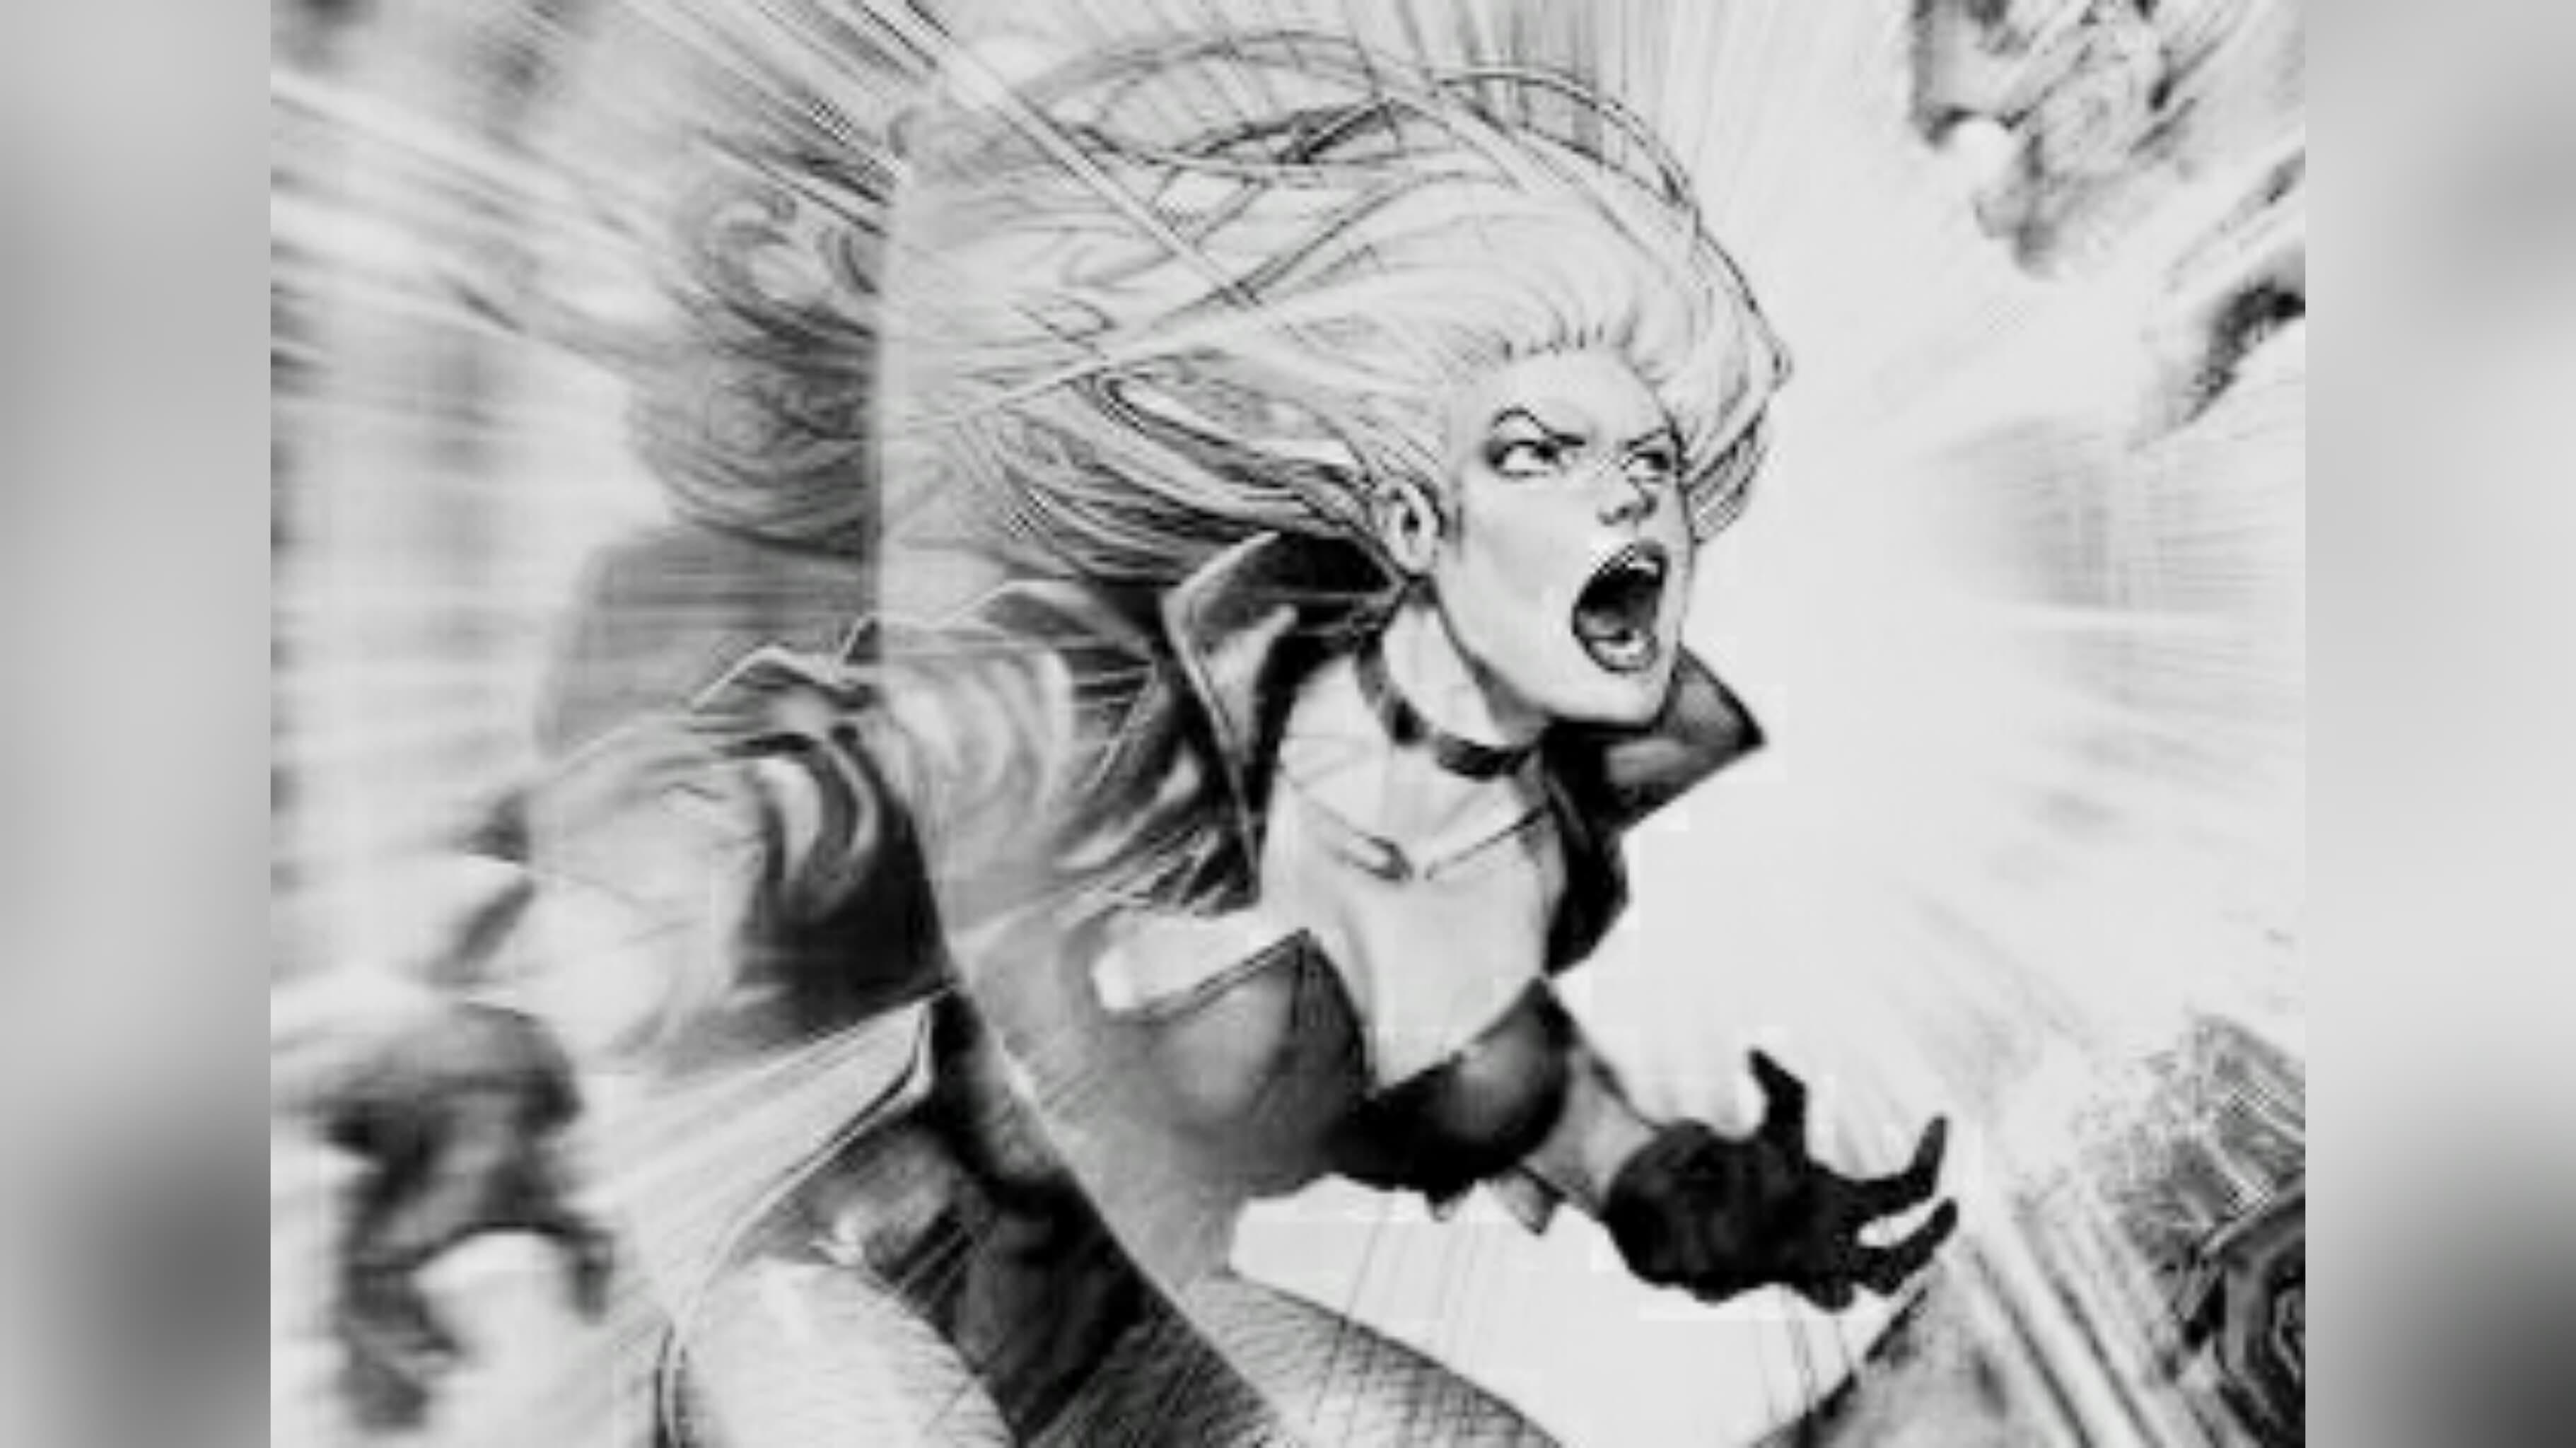 Aves de Rapina DC | Canário Negro estará no filme